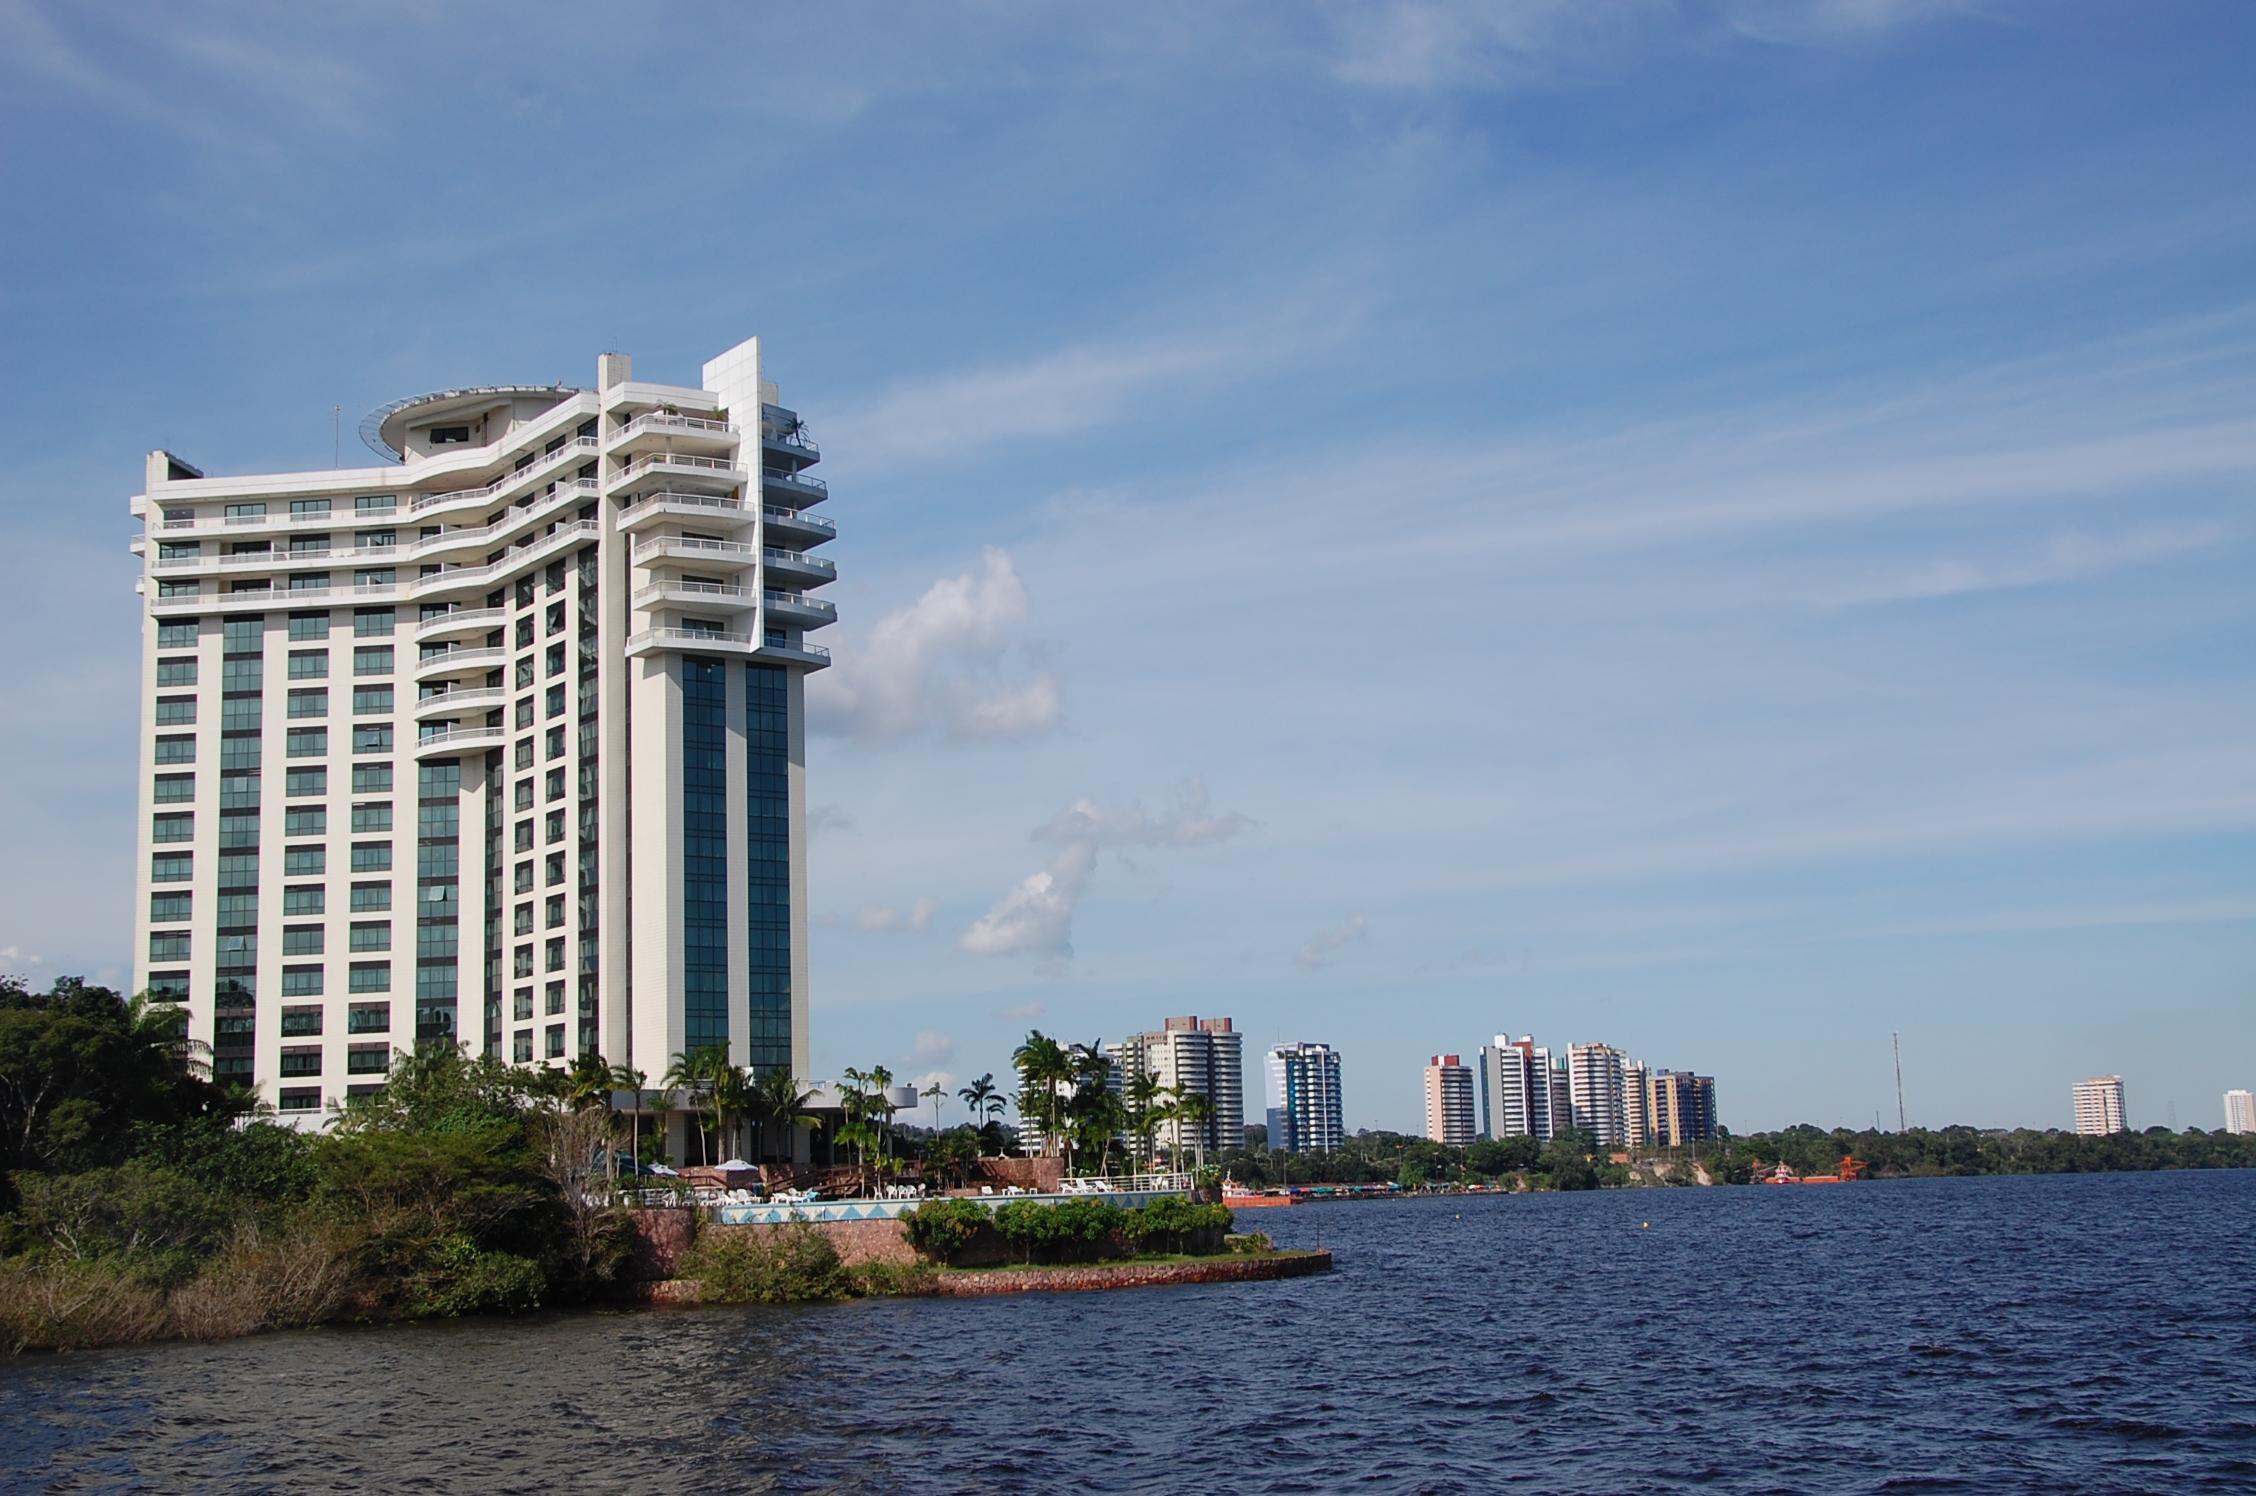 Vista da cidade de Manaus do meio do Rio Amazonas